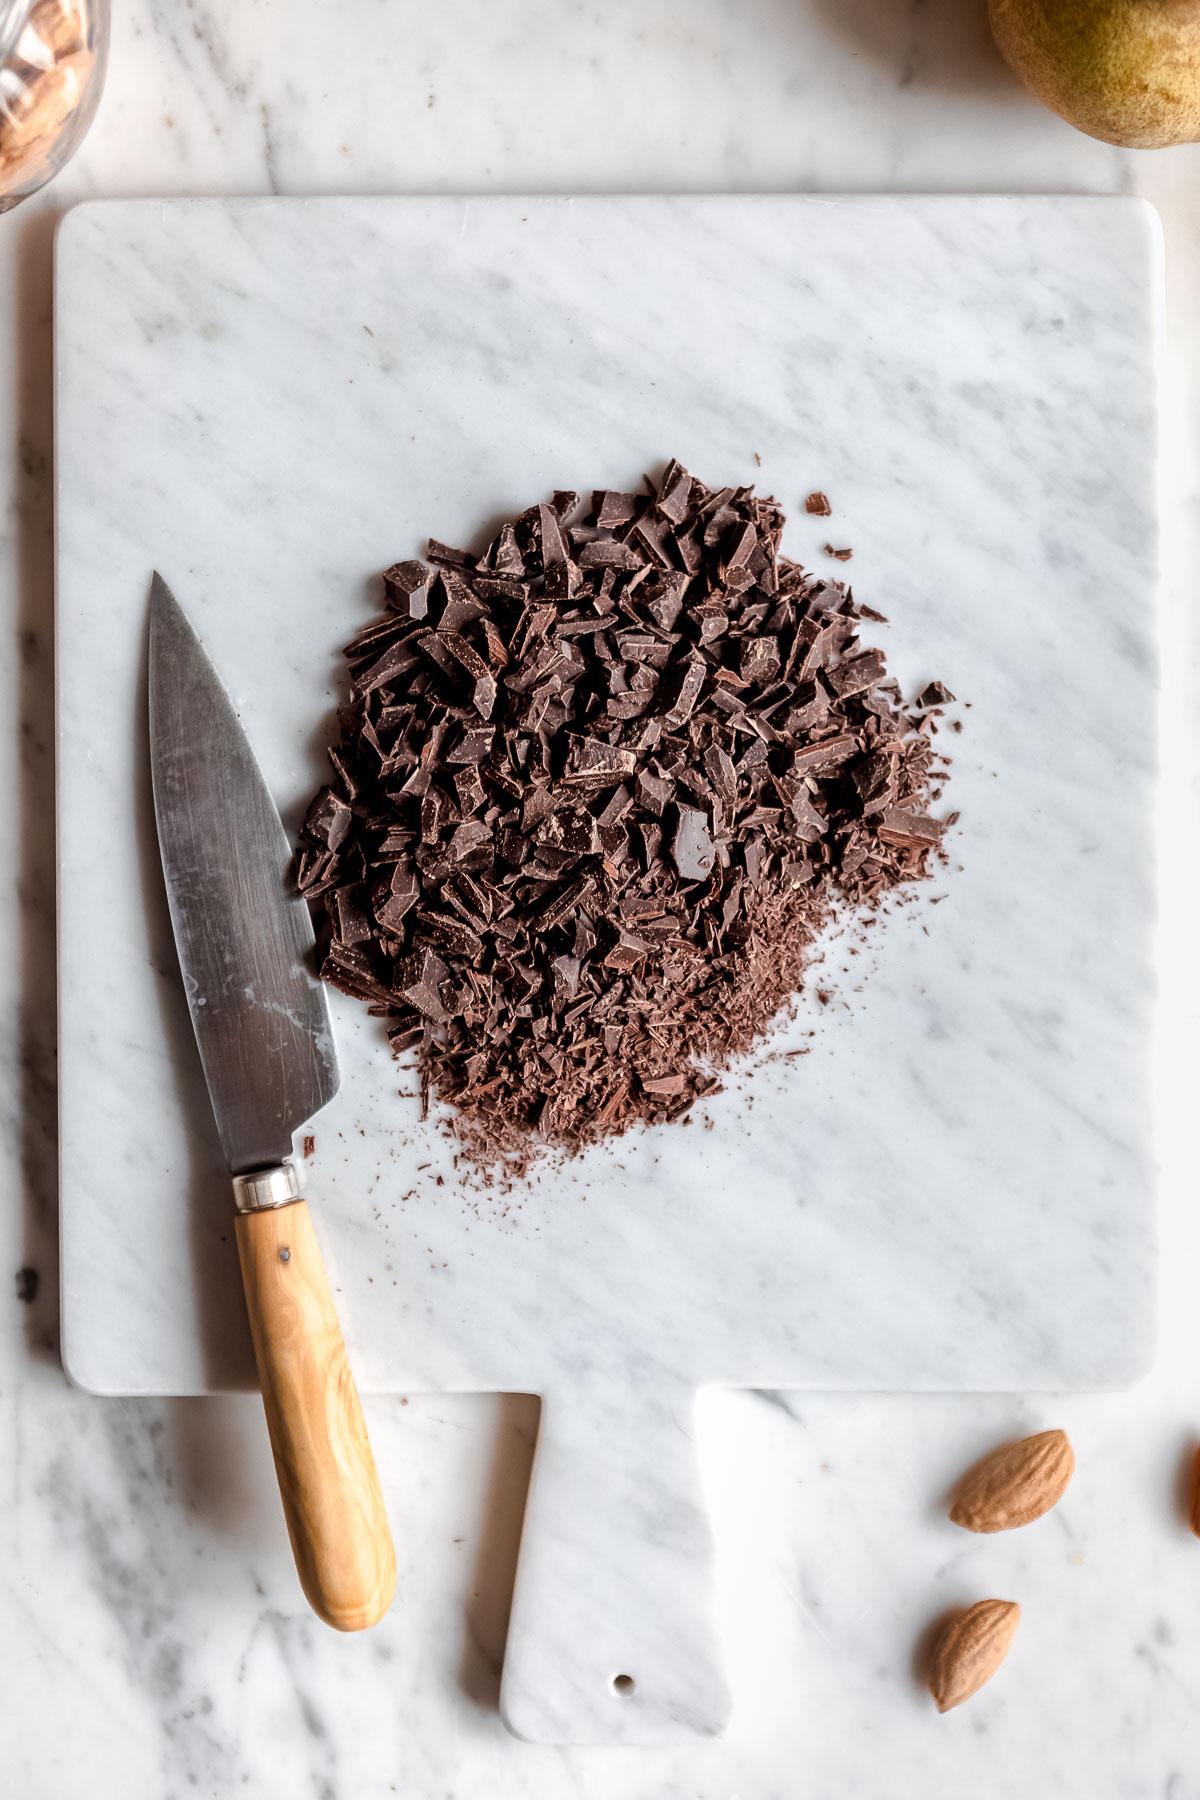 gluten-free Vegan Chocolate Pear Galette recipe Ricetta Galette al cioccolato e pere vegan senza glutine #chocolate #pear